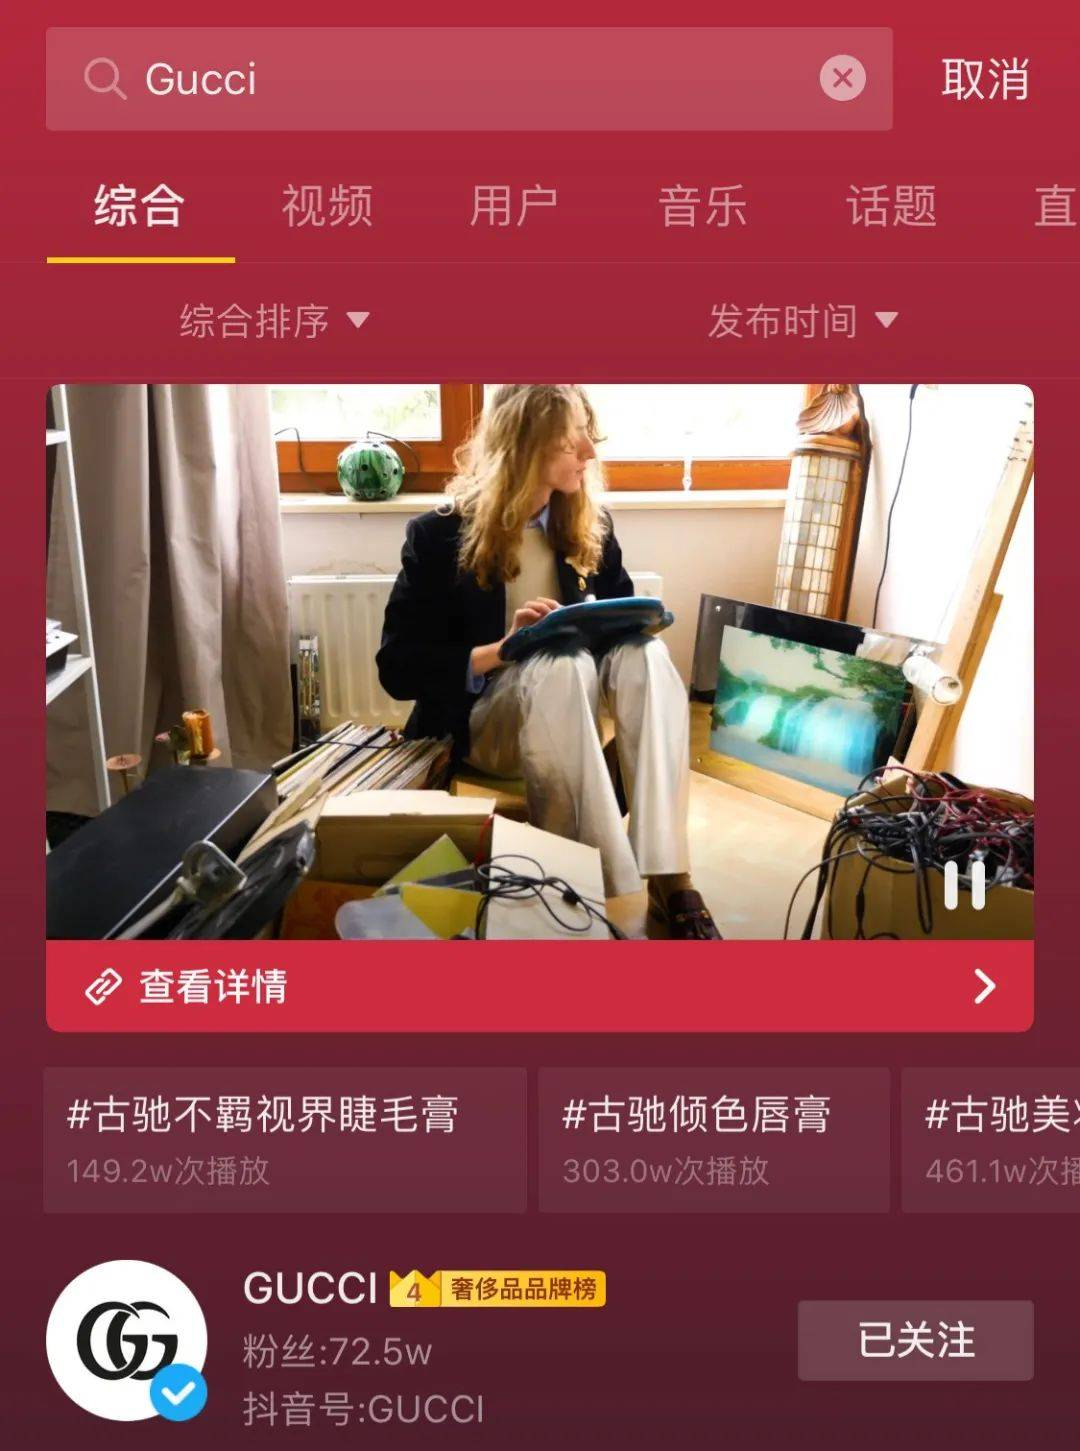 鸟哥笔记,营销推广,卡思数据,广告,短视频,抖音,营销